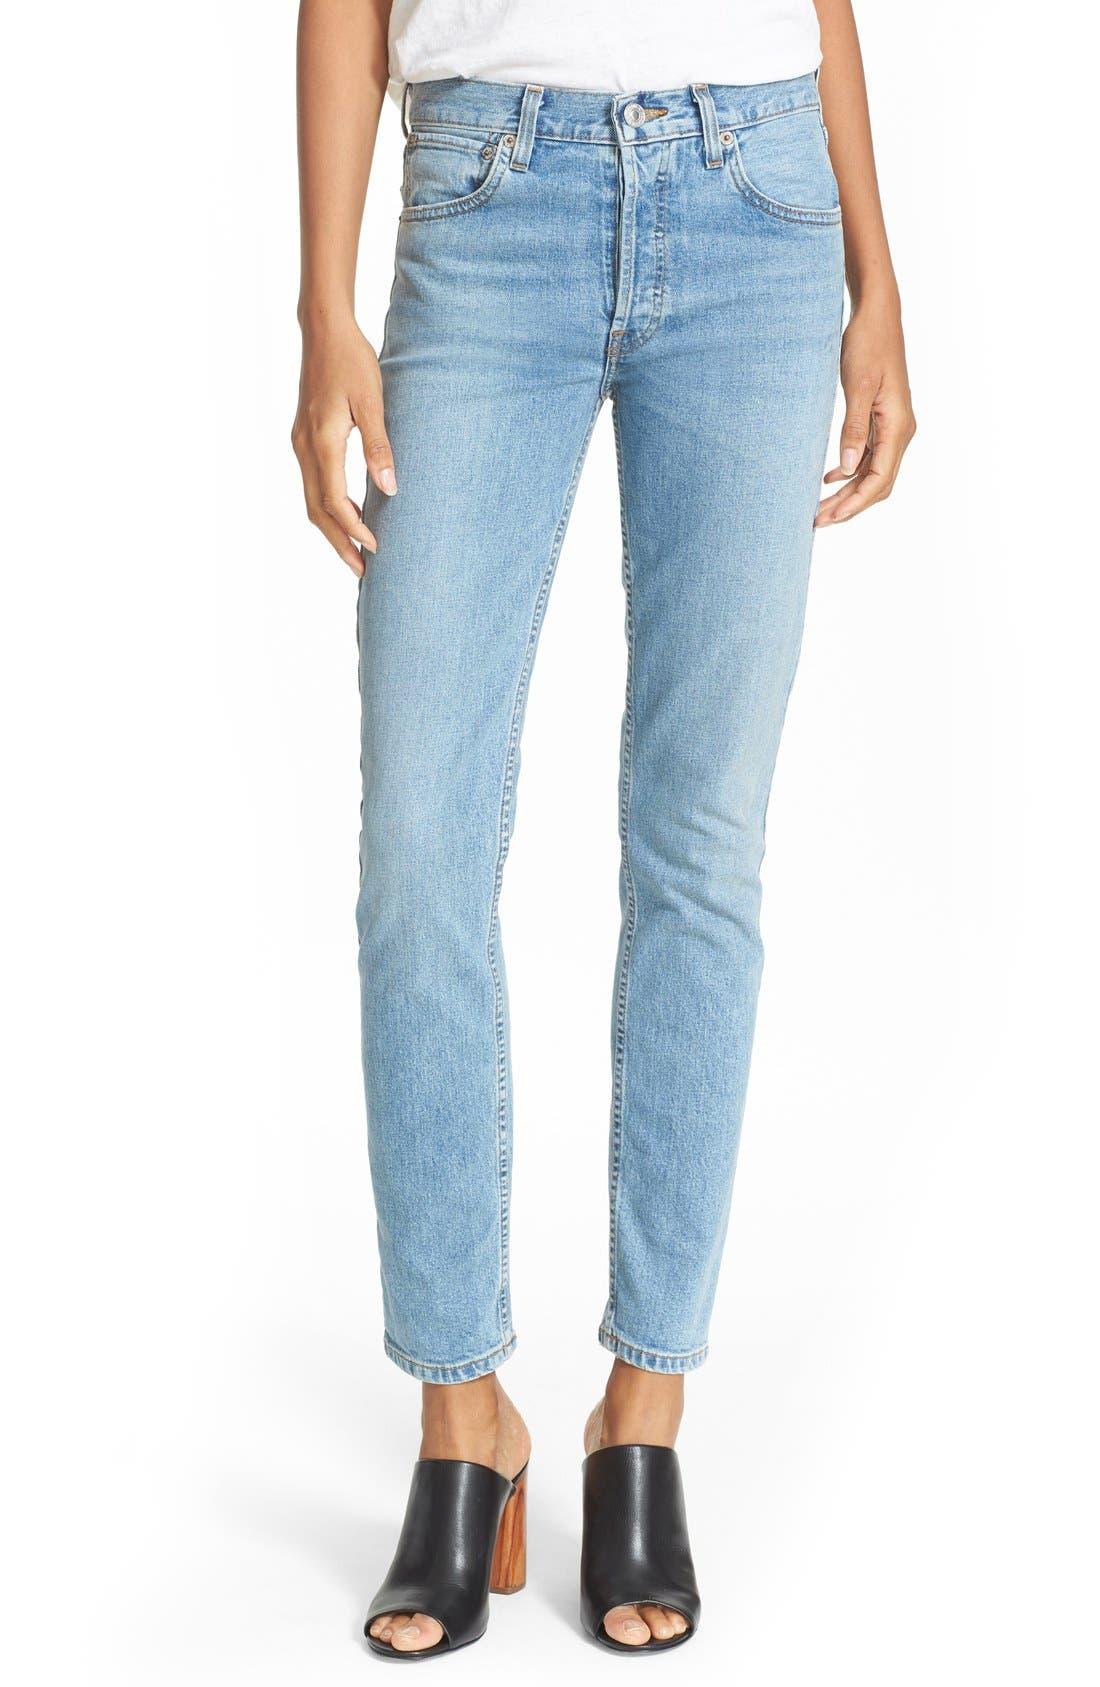 Originals High Waist Straight Skinny Stretch Jeans,                         Main,                         color, Light